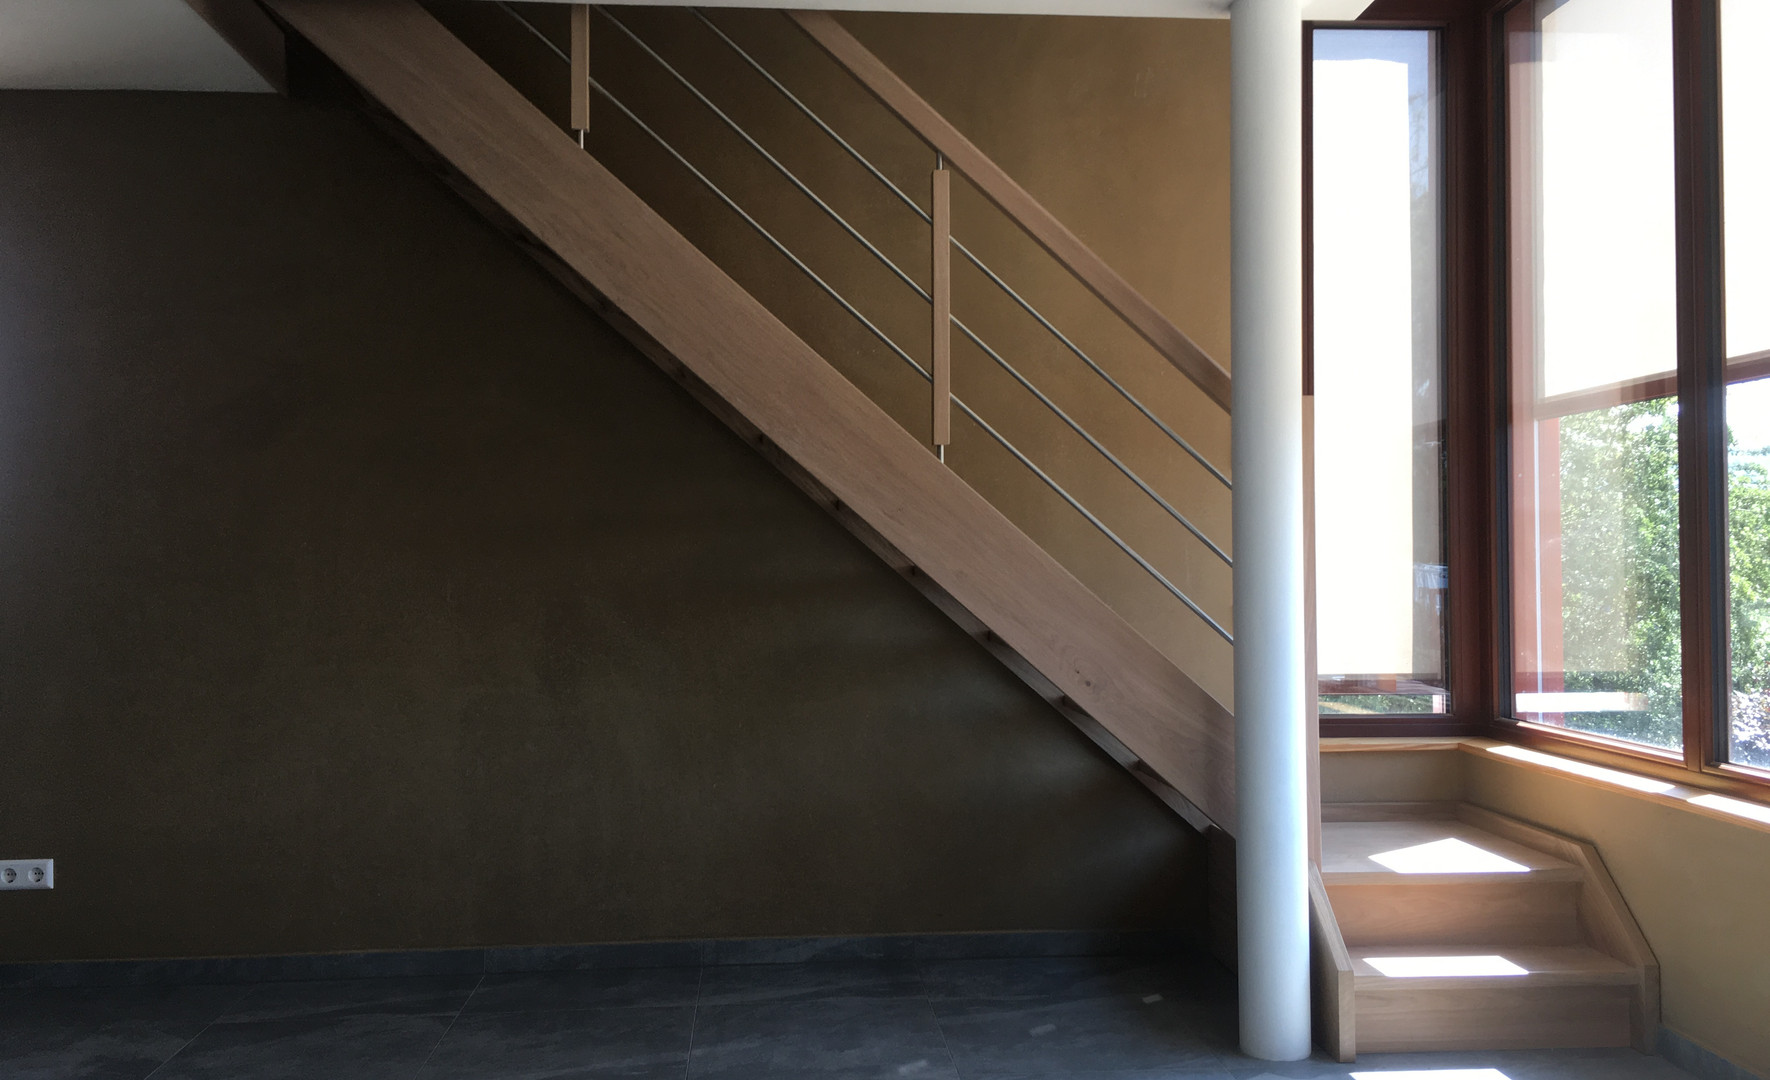 Escalier 2 - vue 1